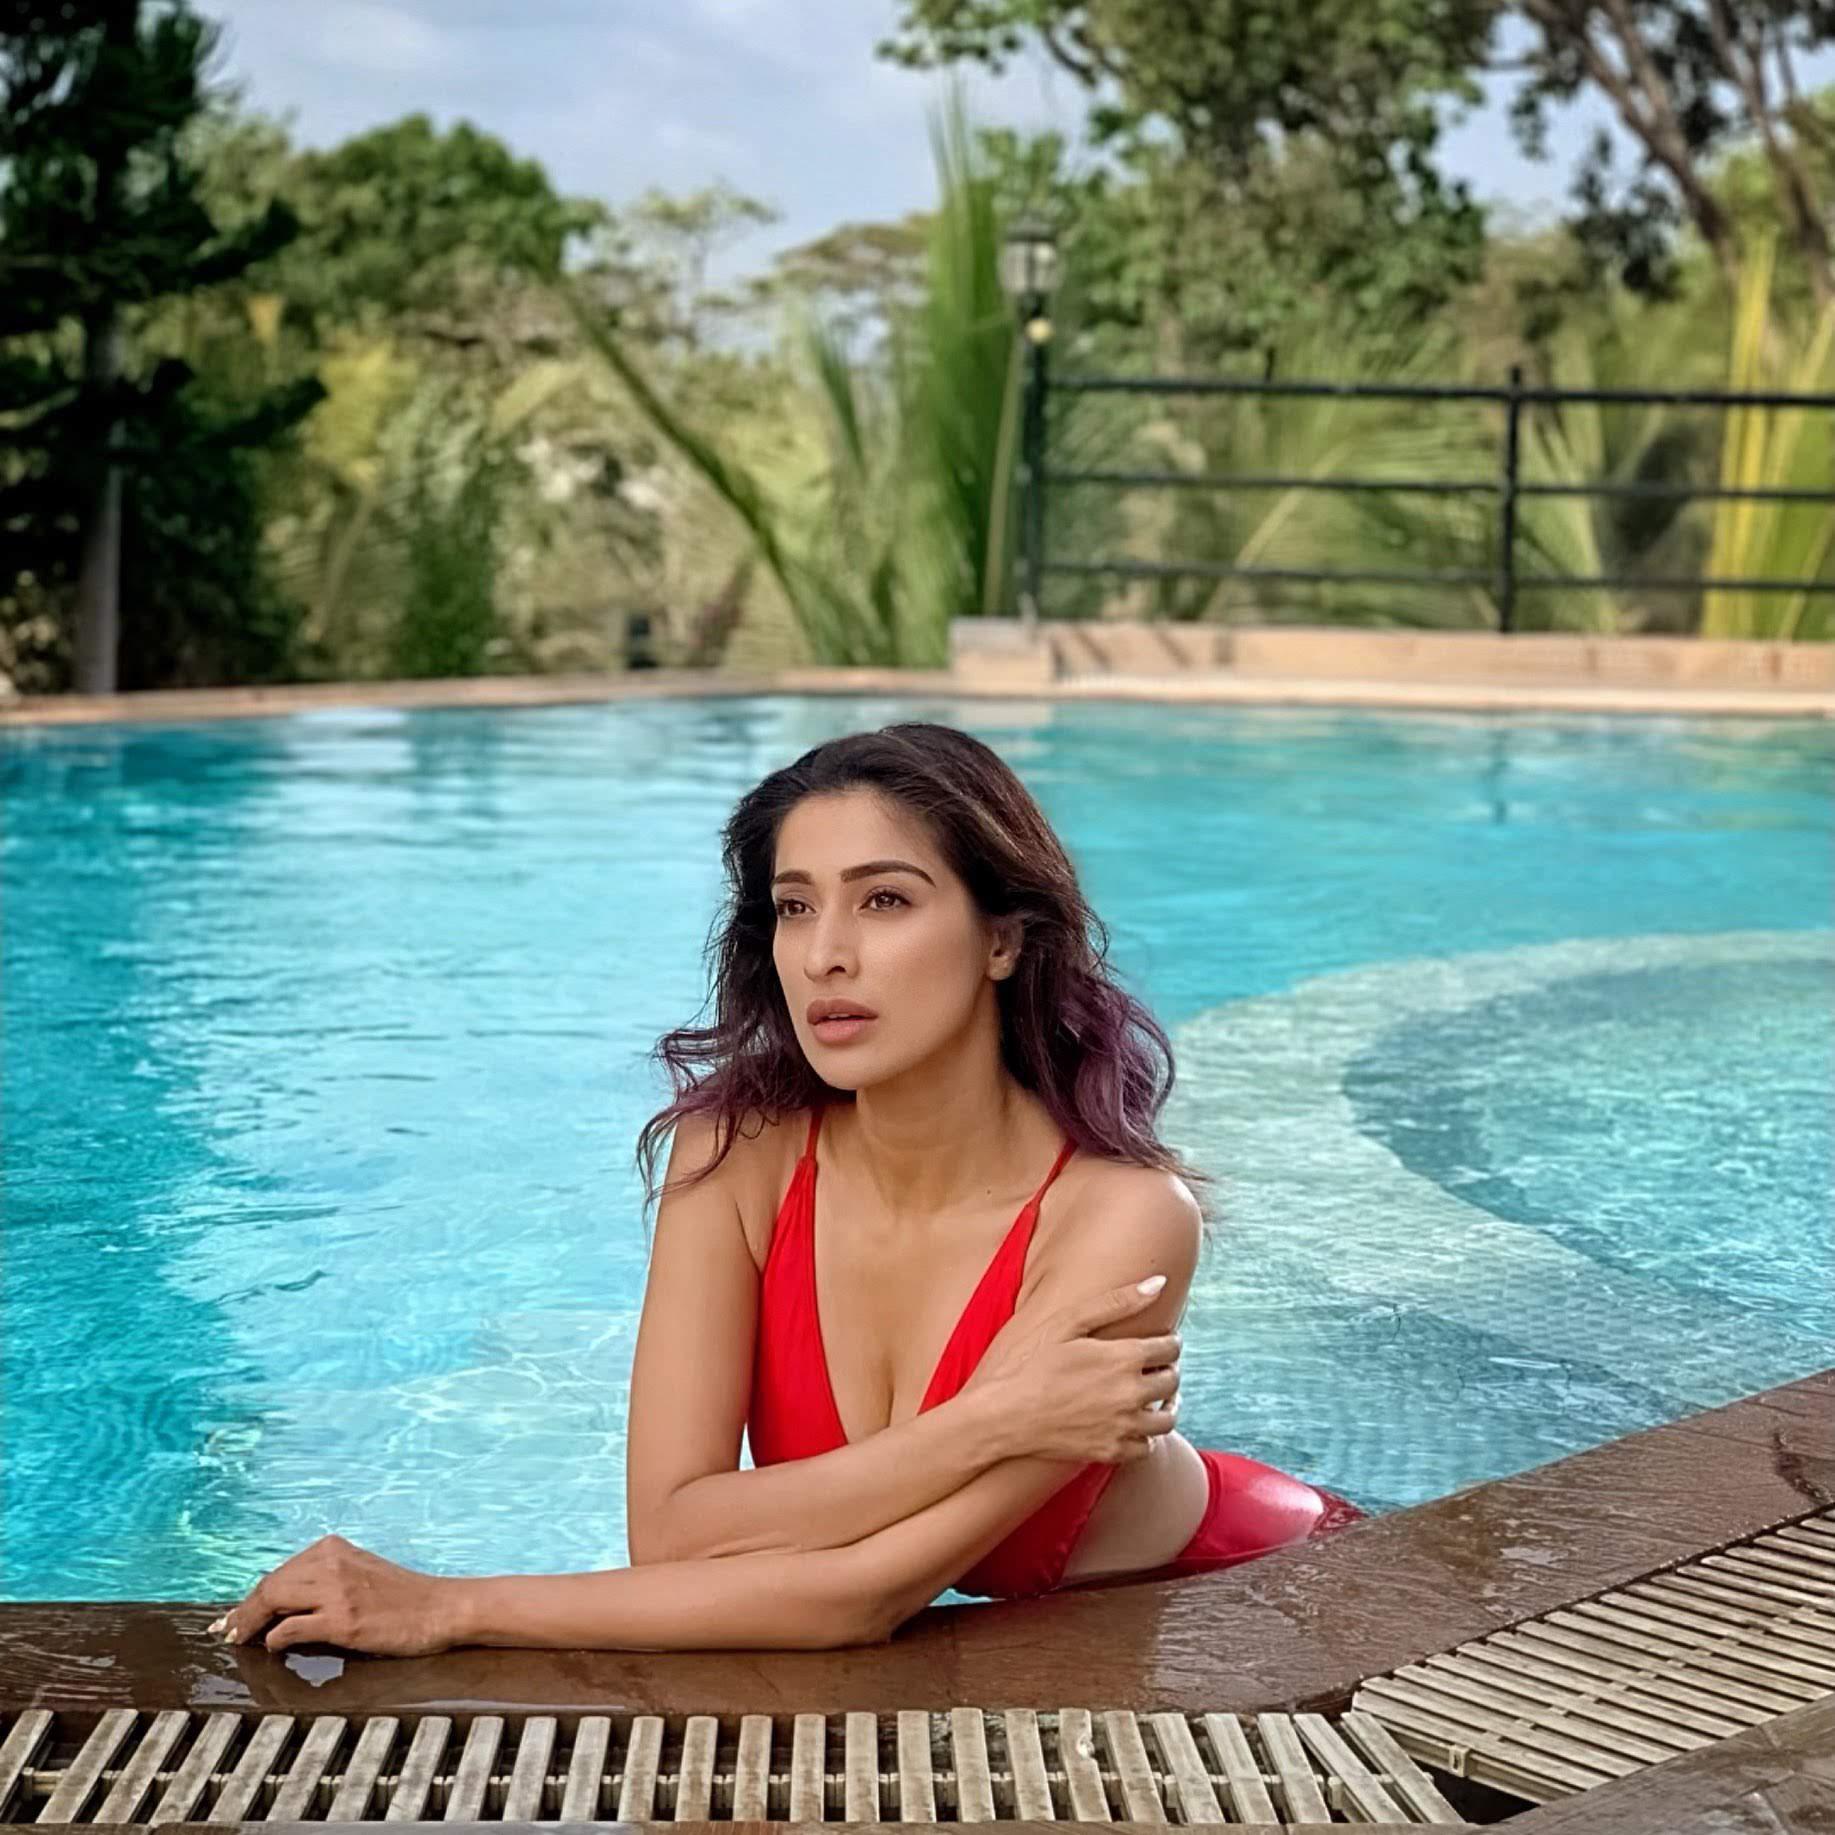 Rai-lakshmi-latest-images-32542